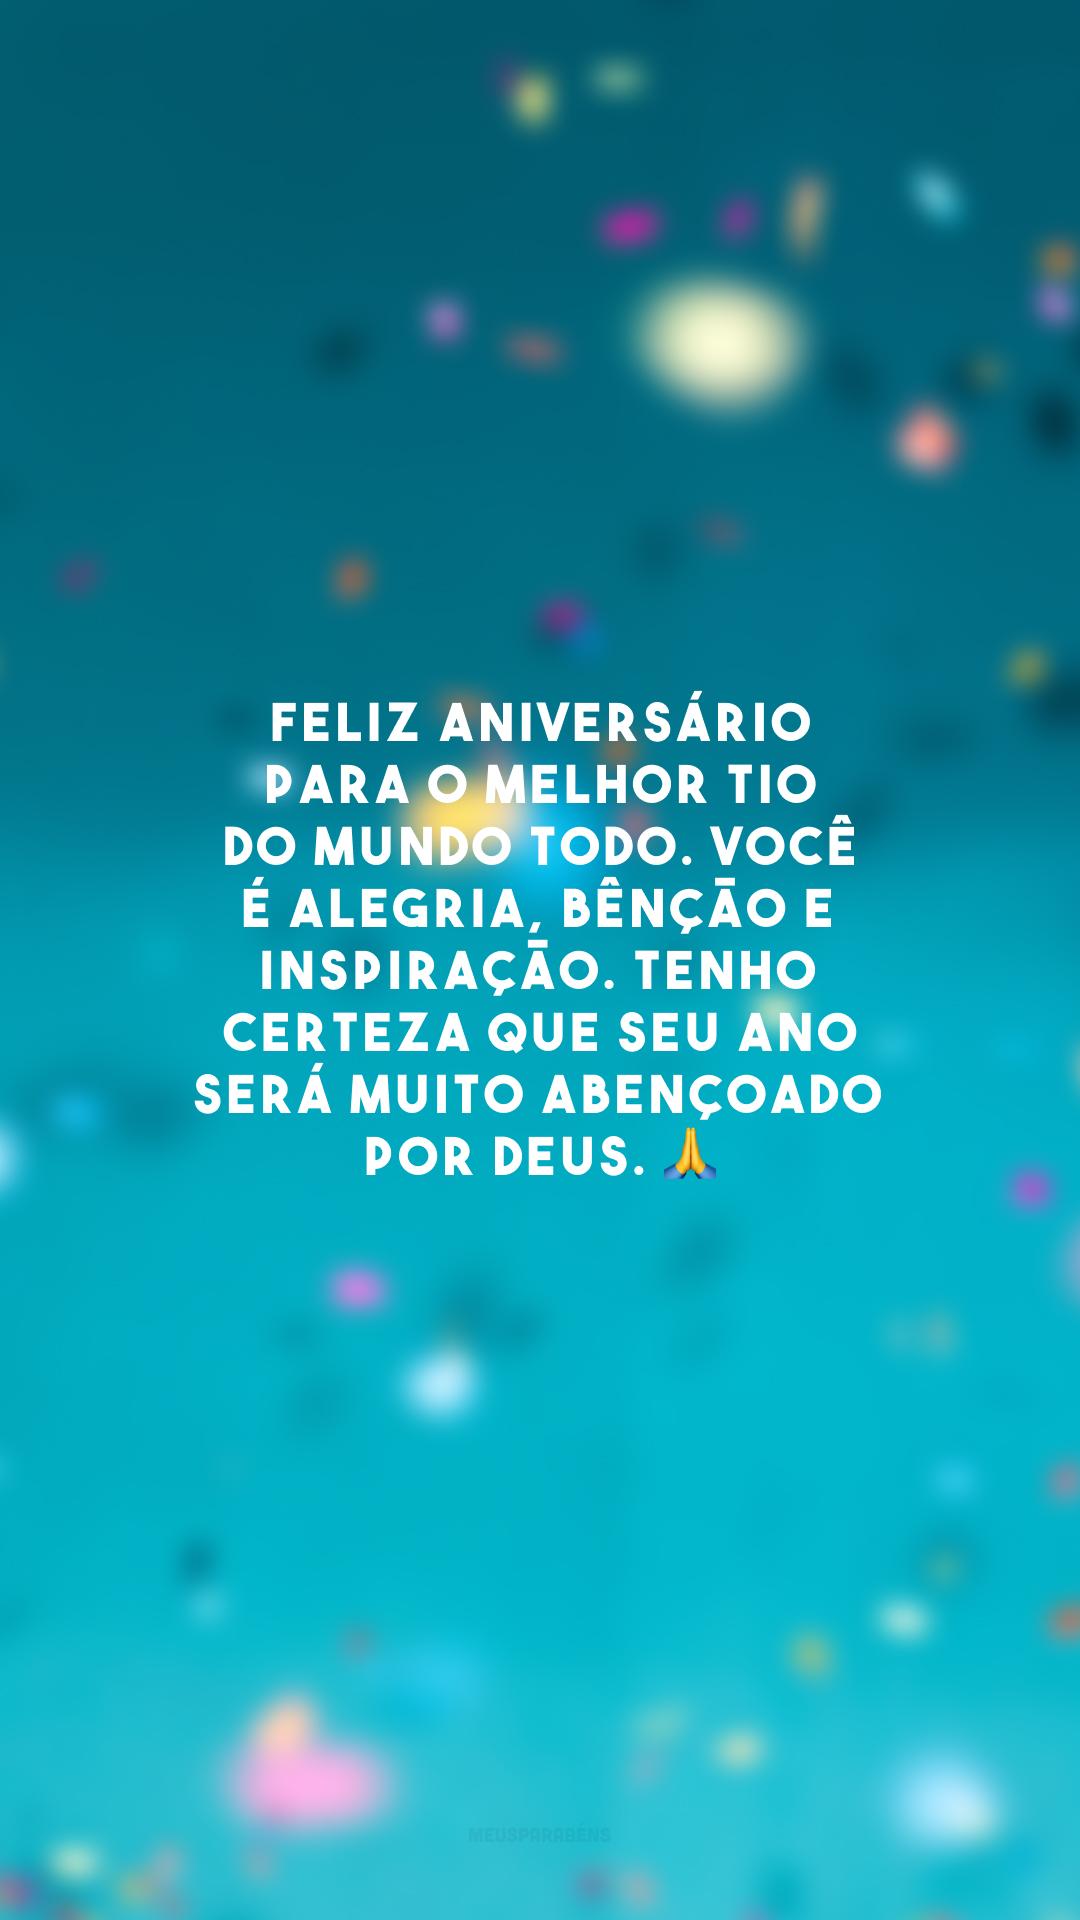 Feliz aniversário para o melhor tio do mundo todo. Você é alegria, bênção e inspiração. Tenho certeza que seu ano será muito abençoado por Deus. 🙏